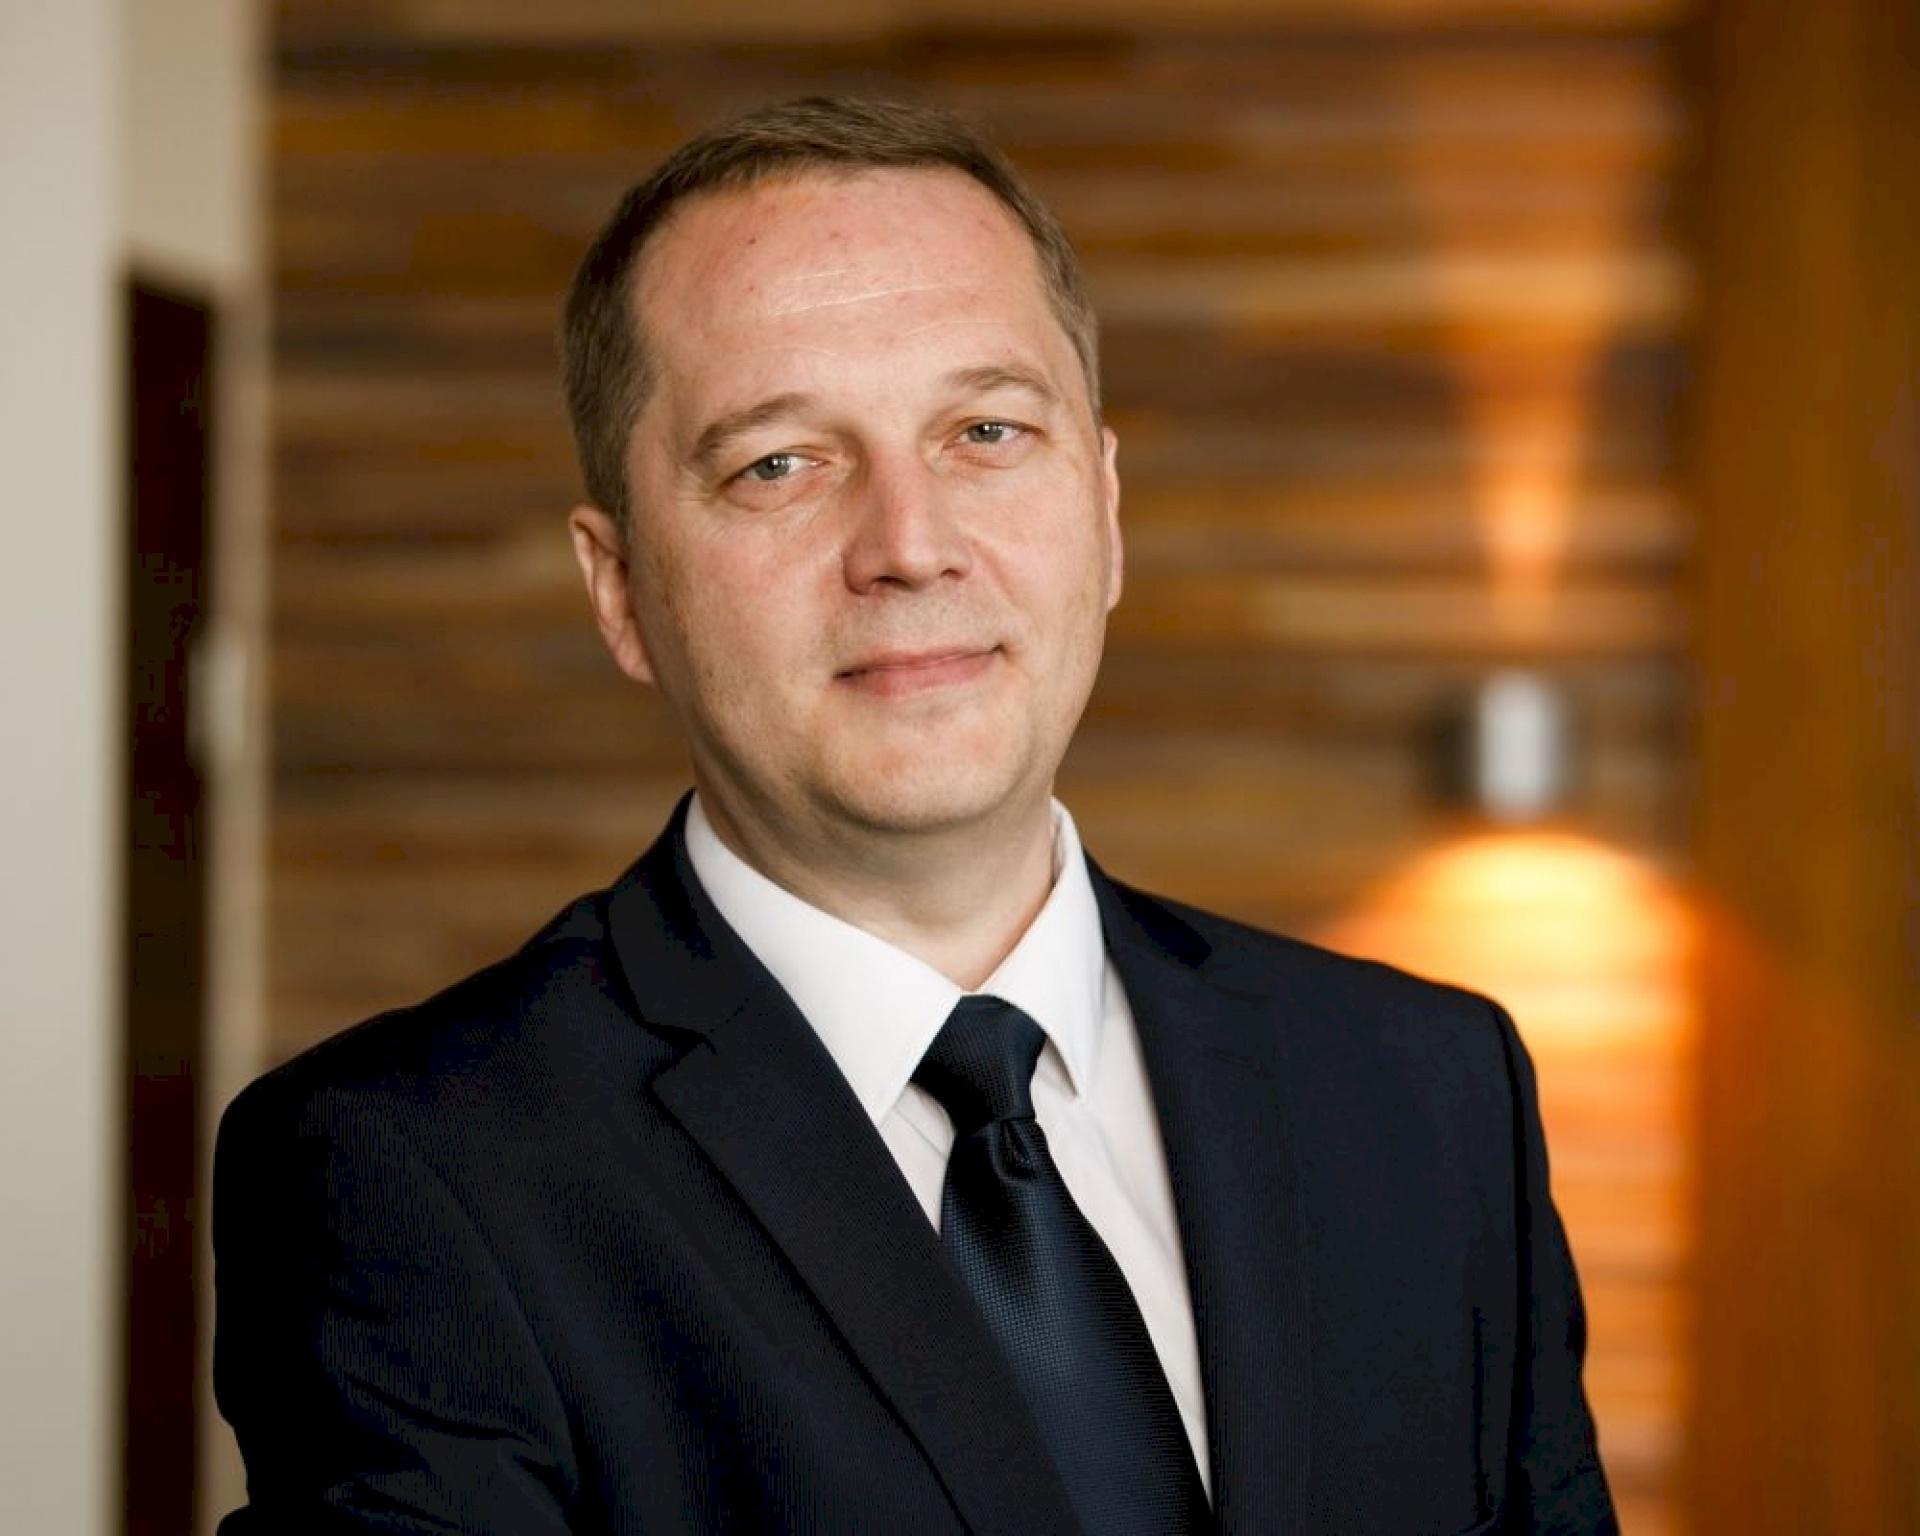 Marek Senkovič